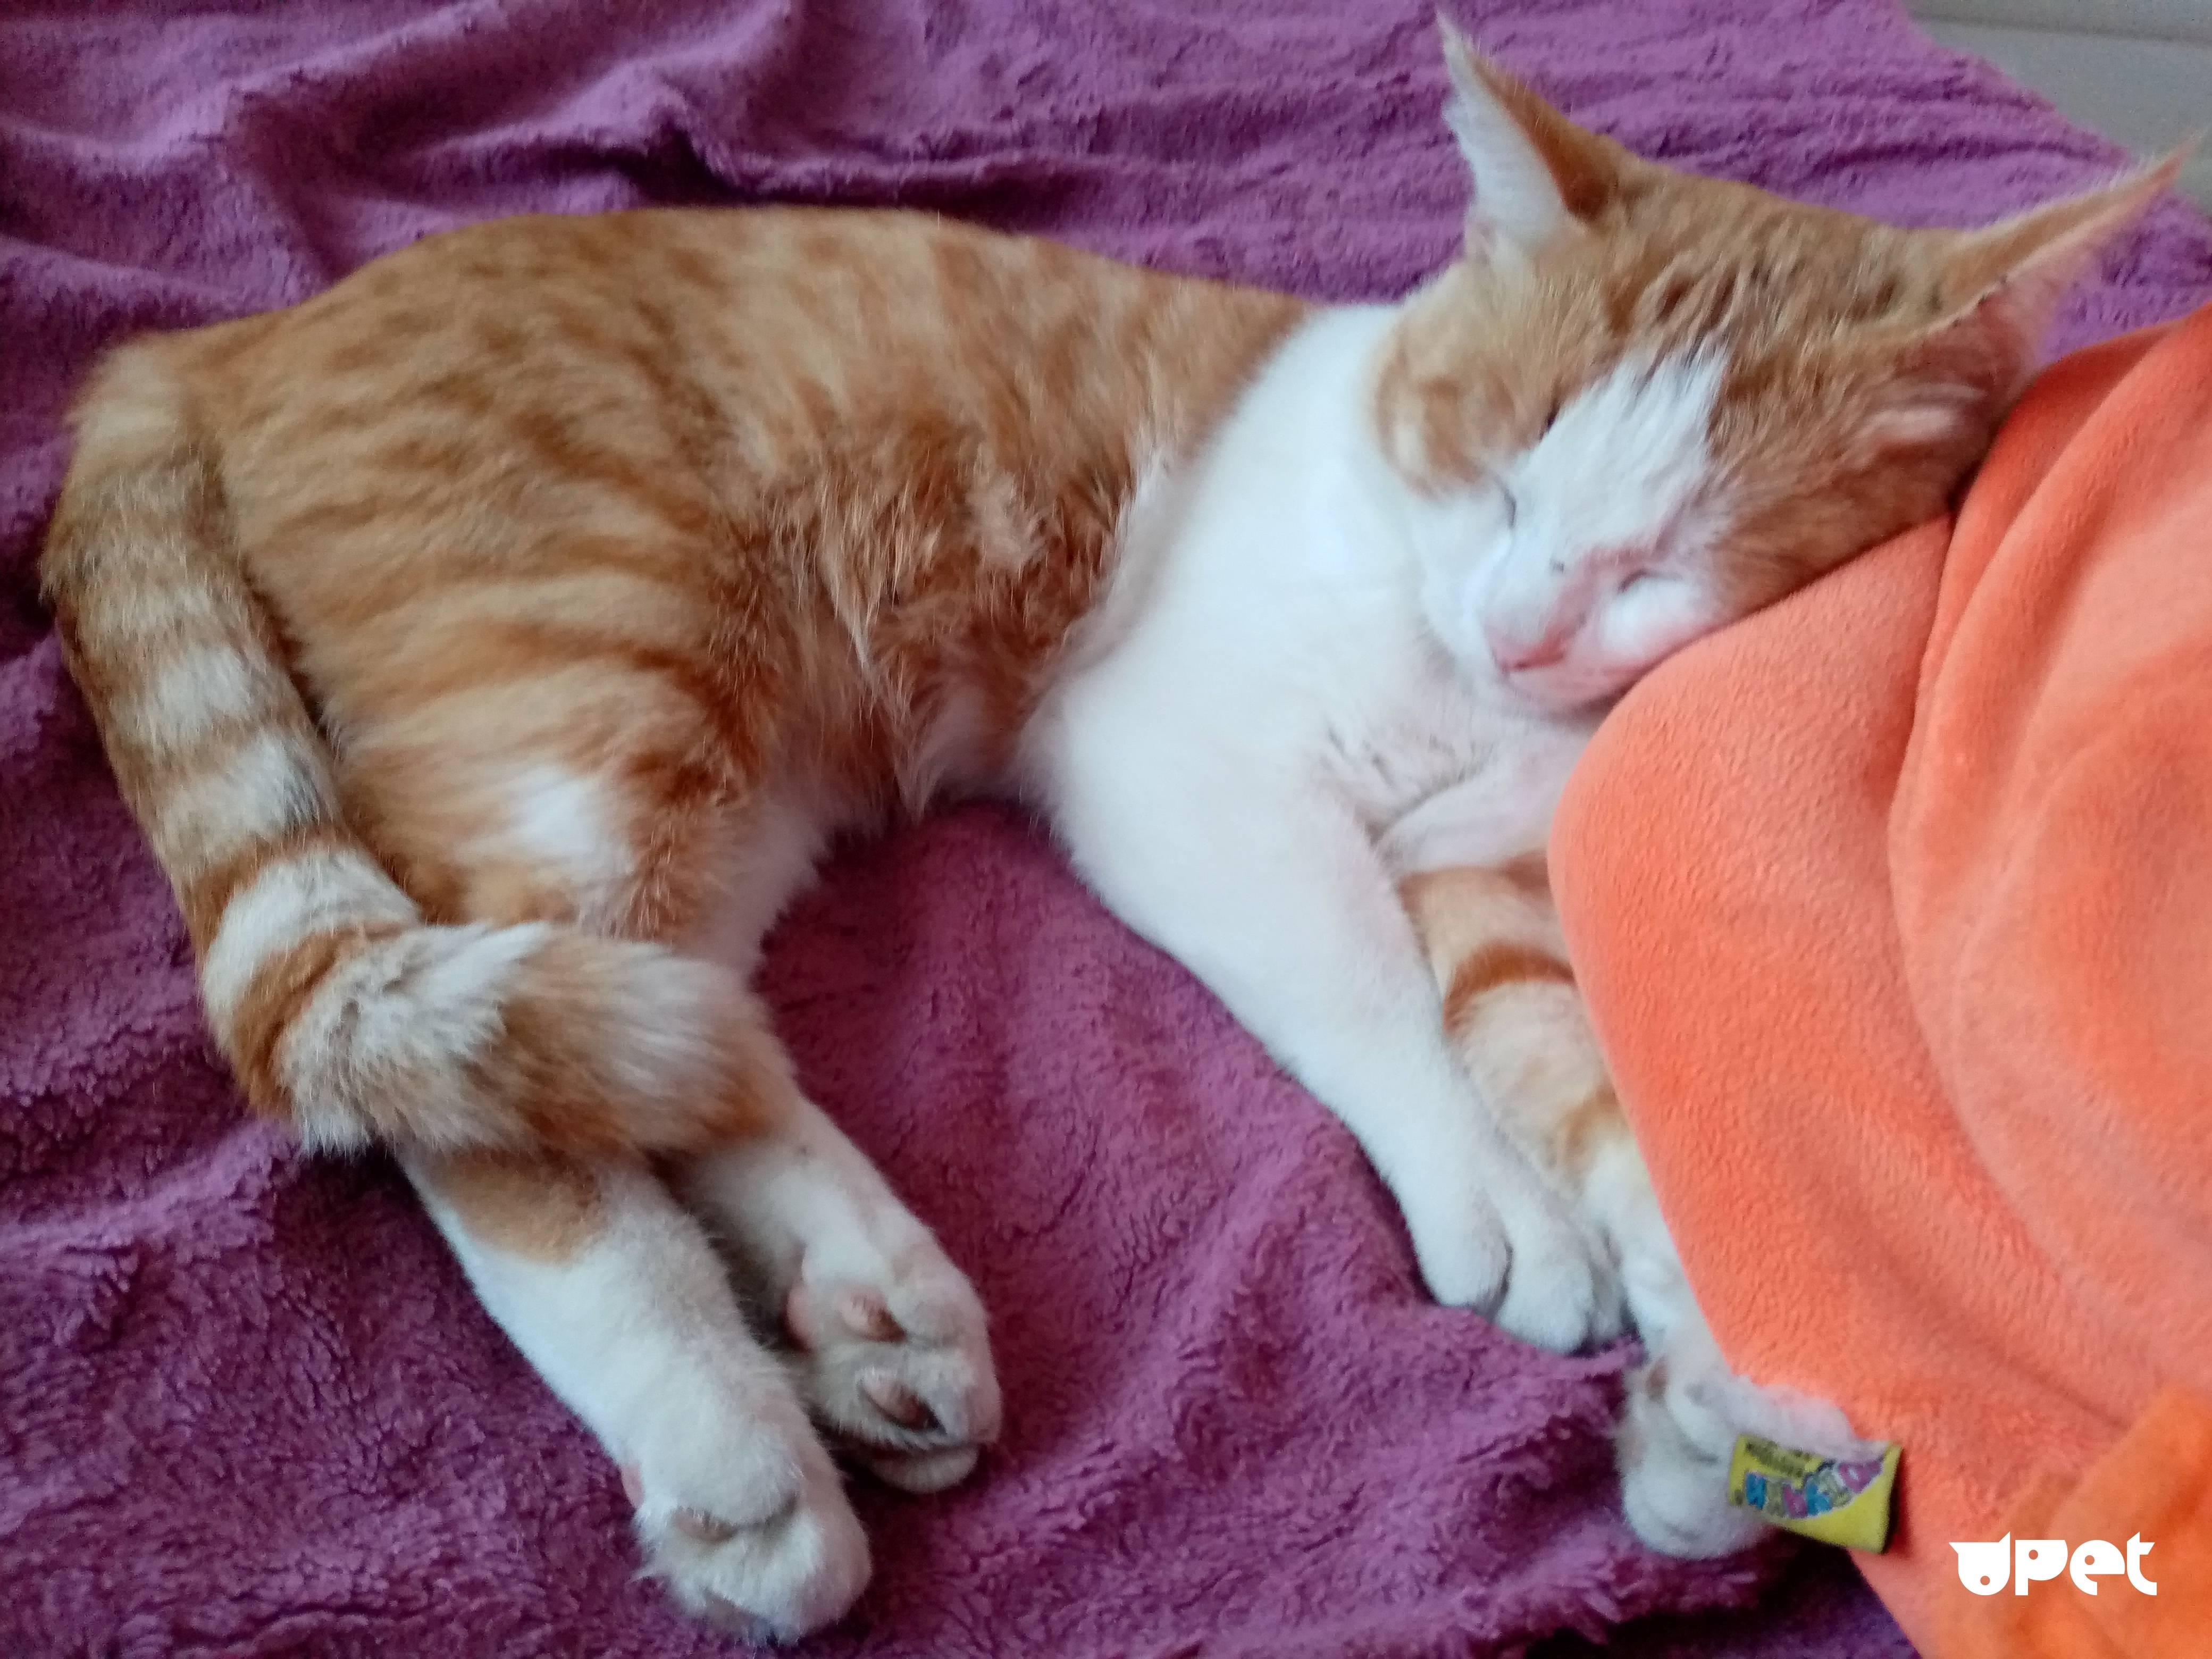 Почему кот дрожит когда лежит, как будто ему холодно и он мёрзнет